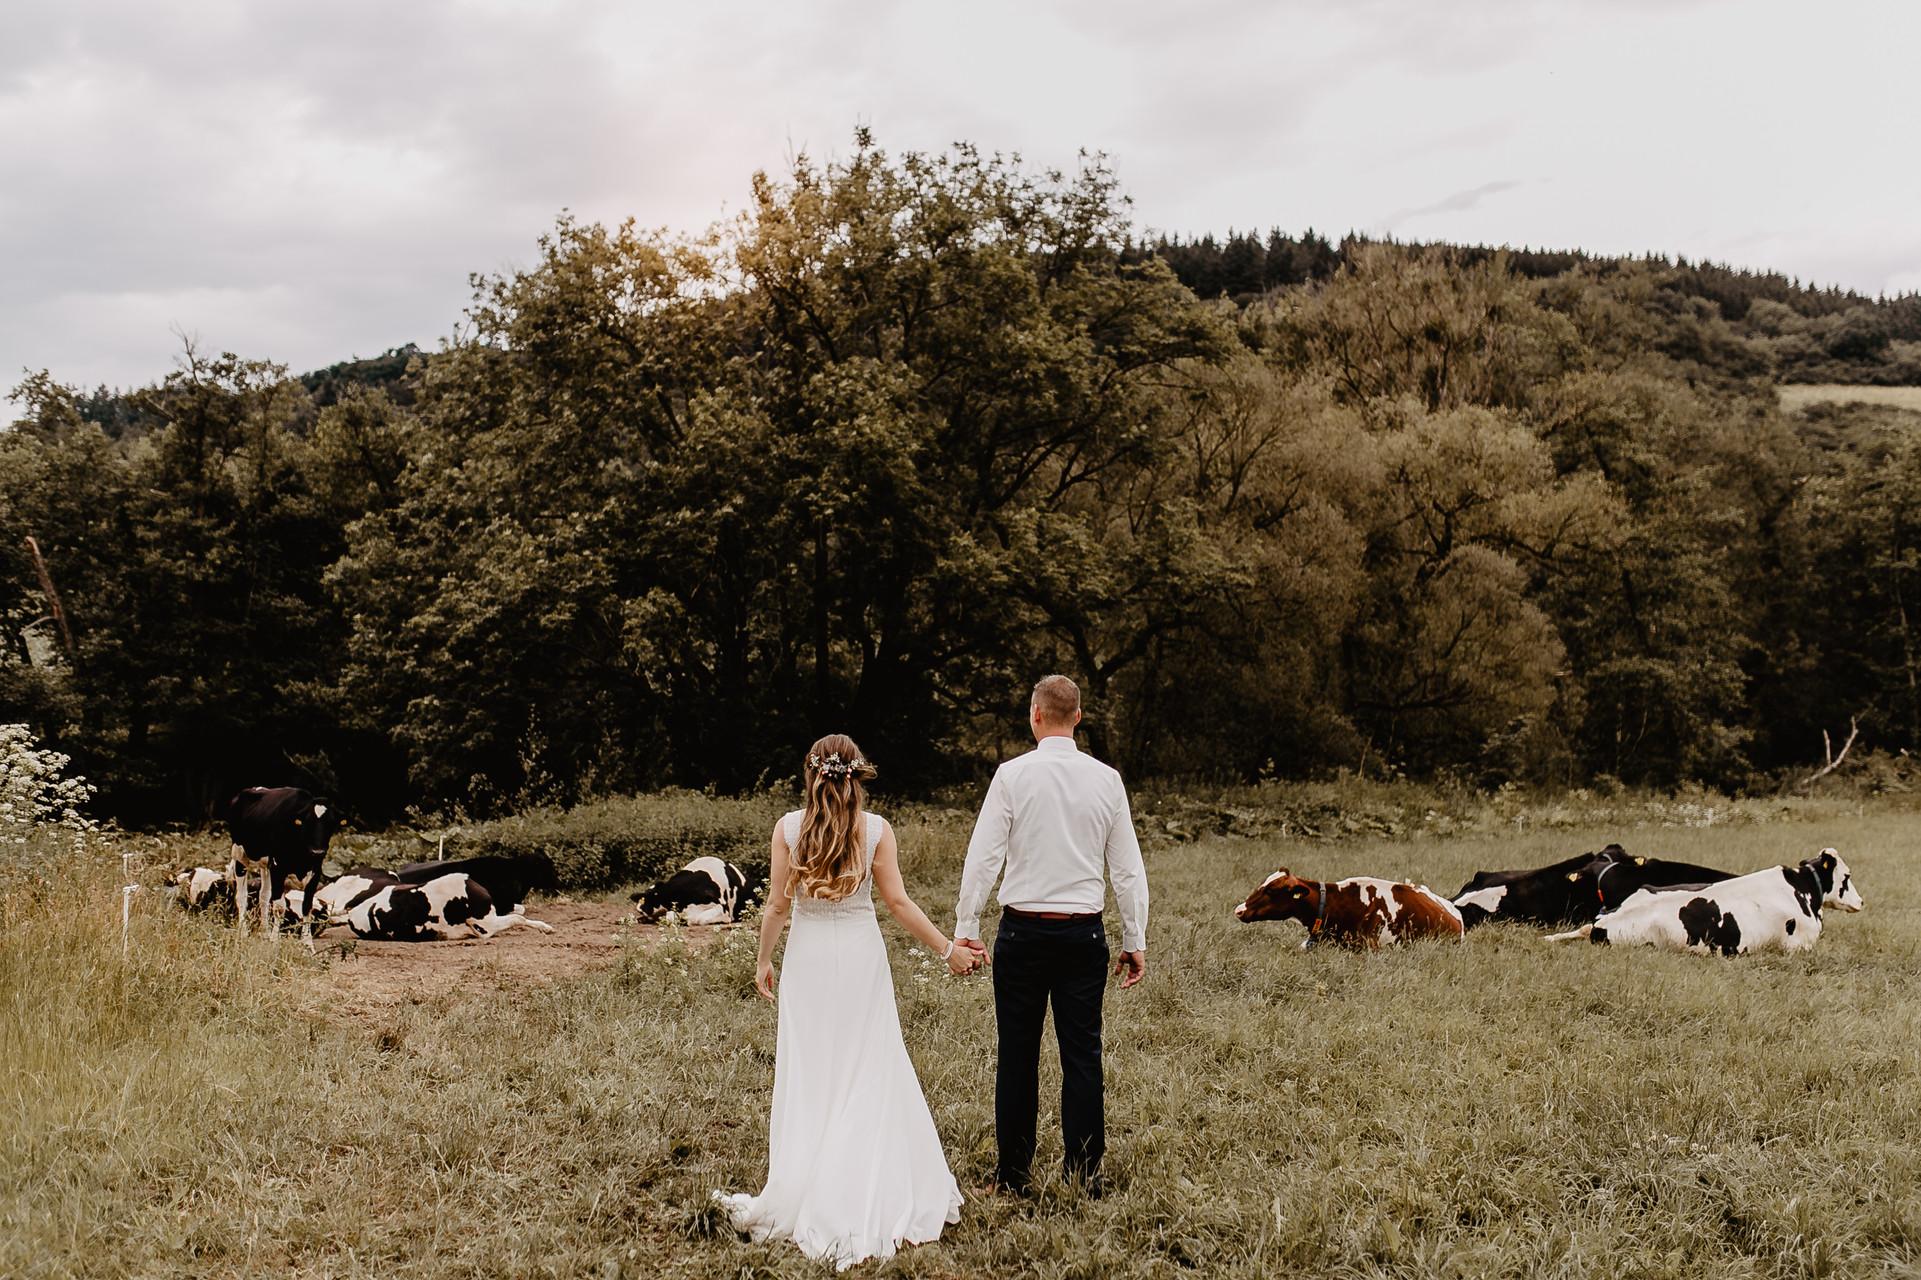 Hochzeit_Insul_Keulers_Lichtliebe_49.JPG